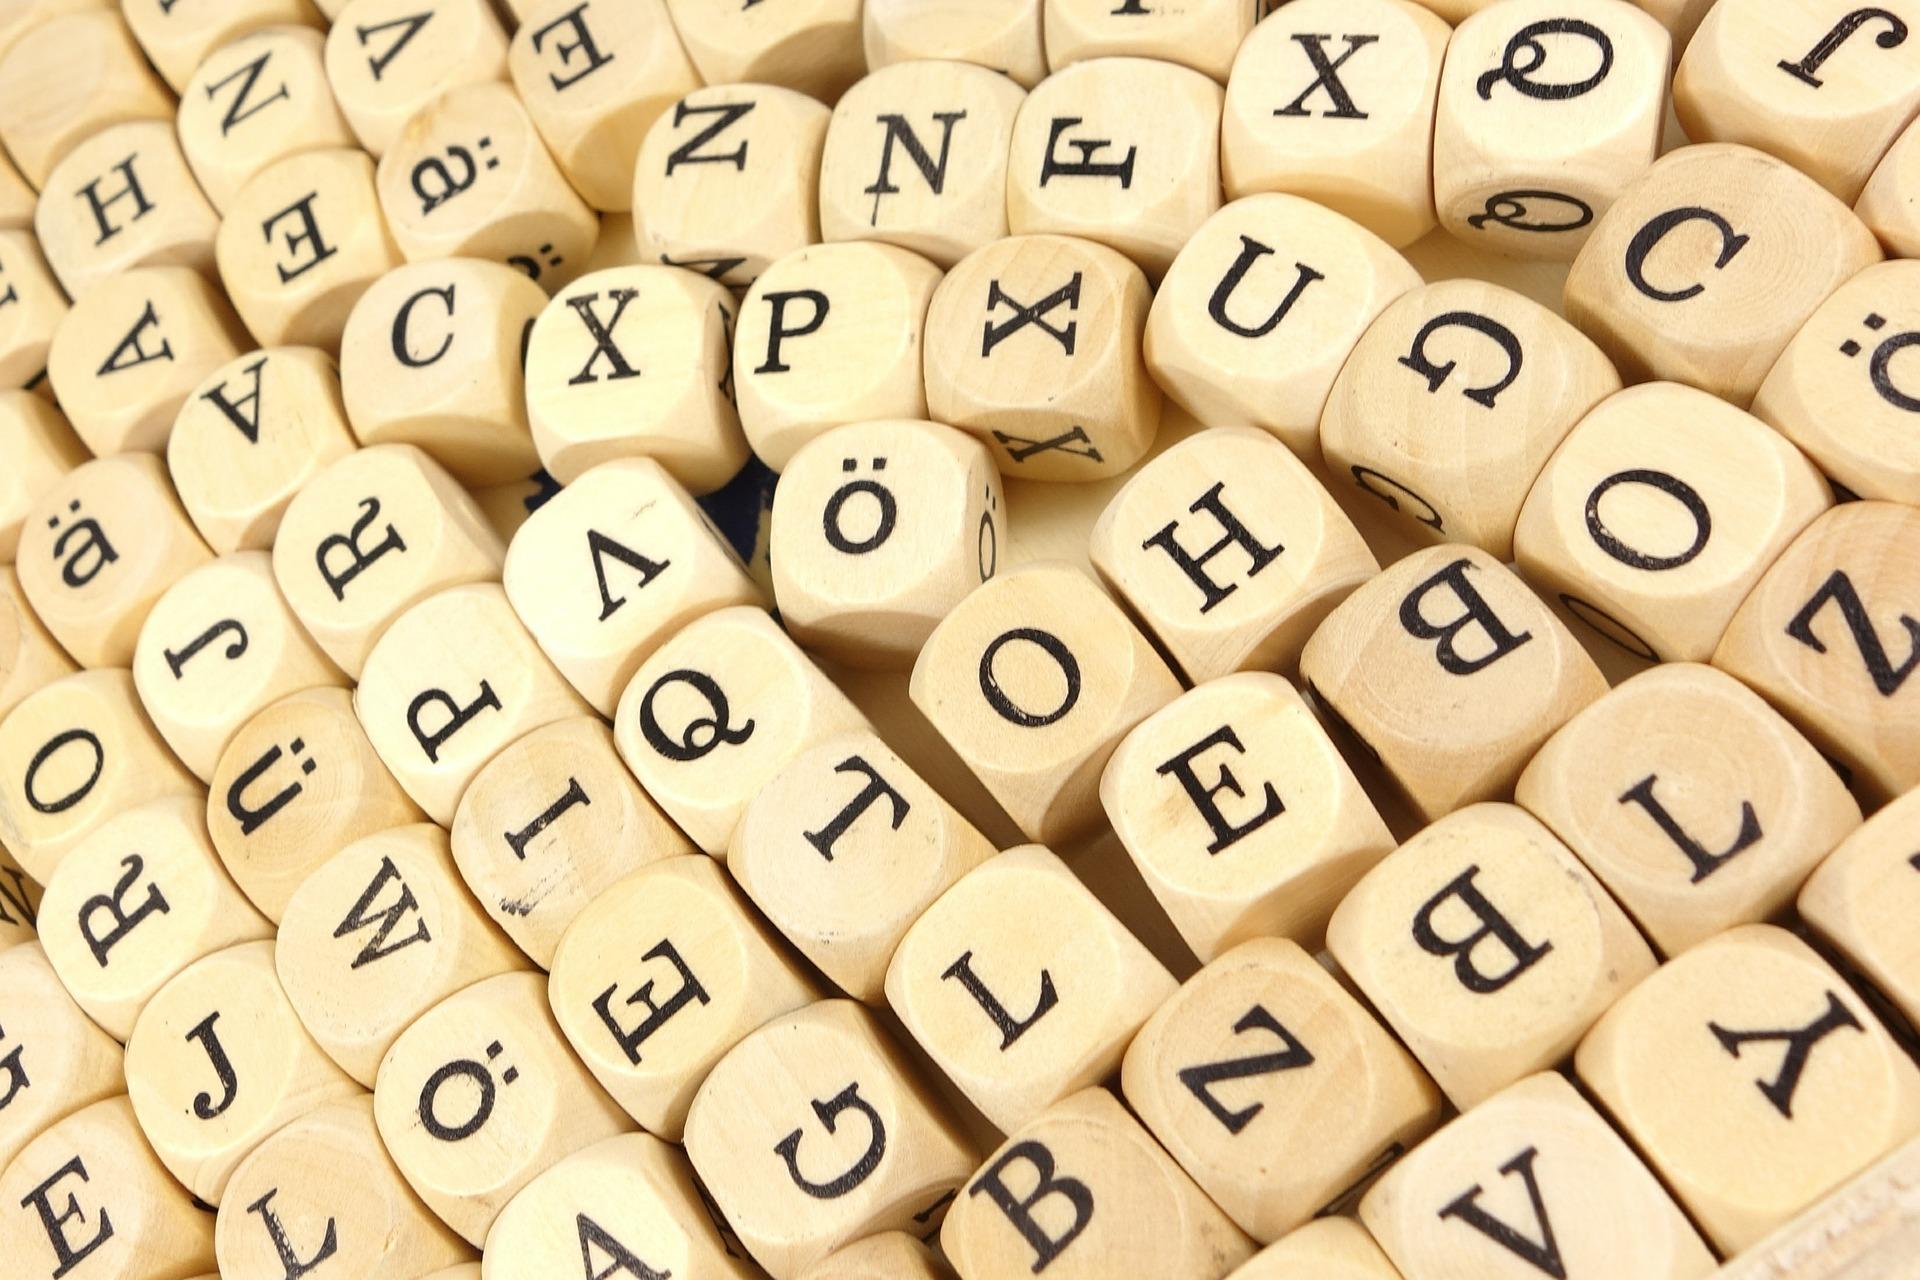 17-02-03-3-Pixabay-ABC-Holz